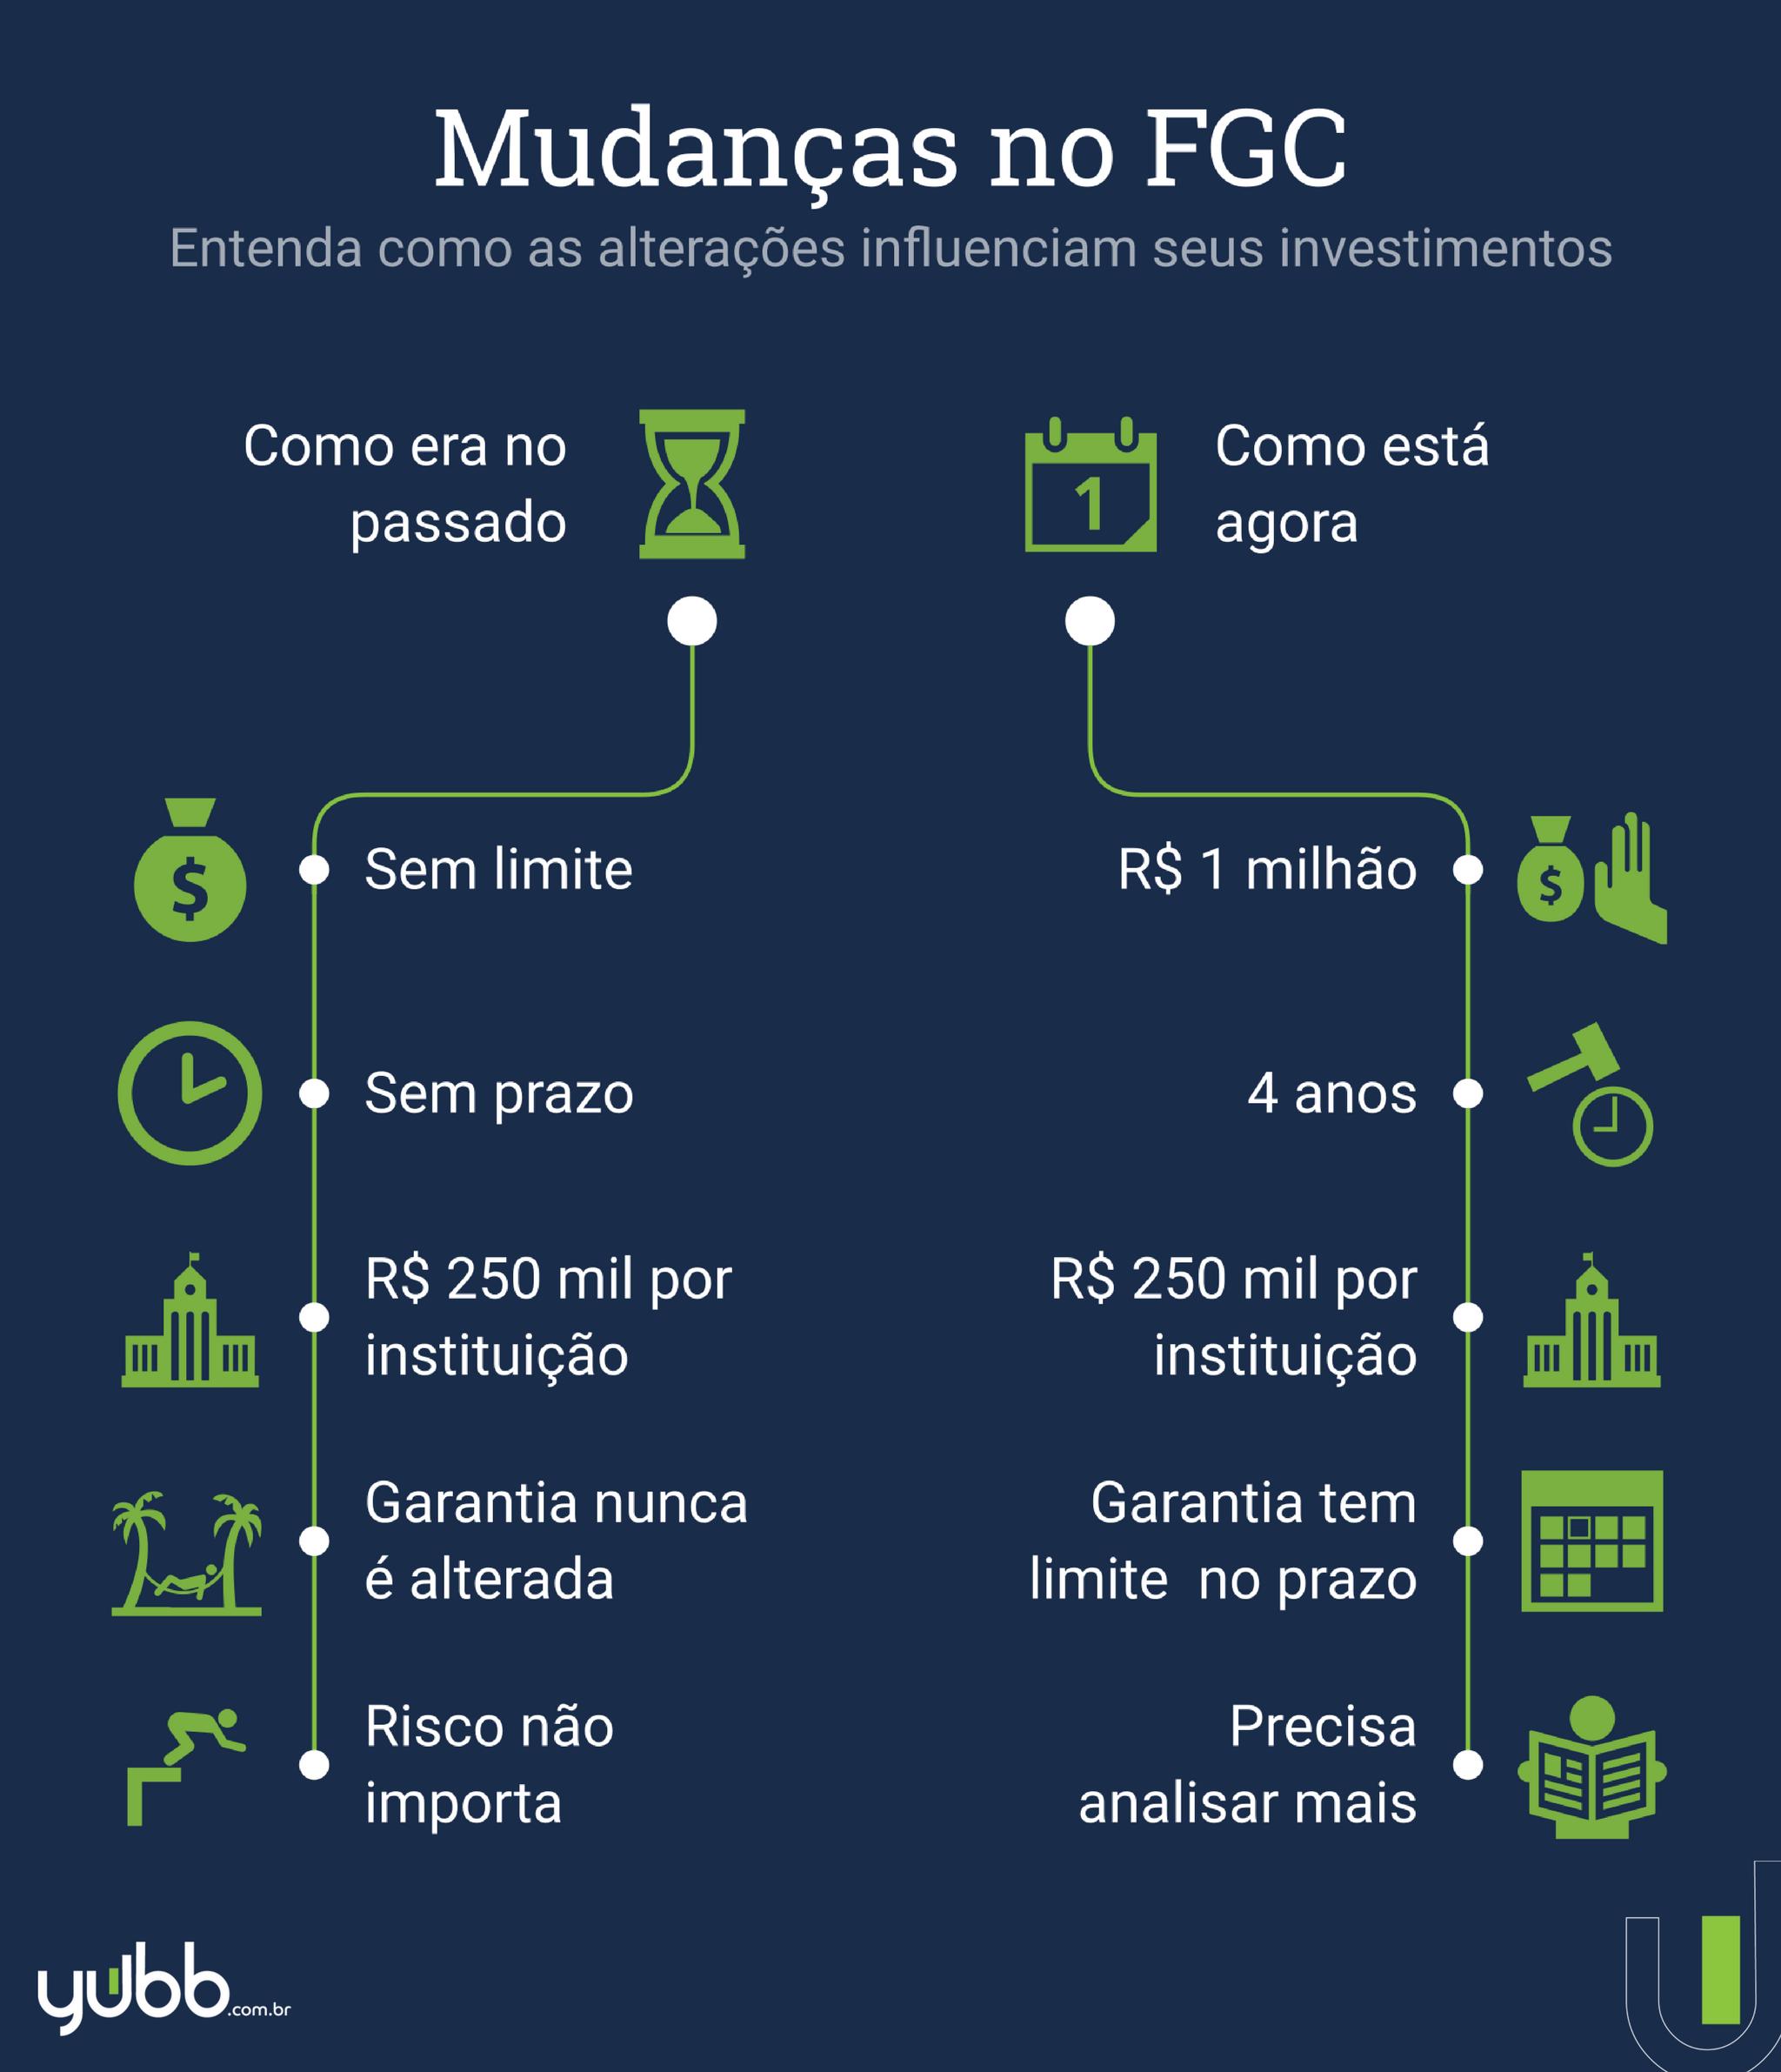 mudanças no FGC